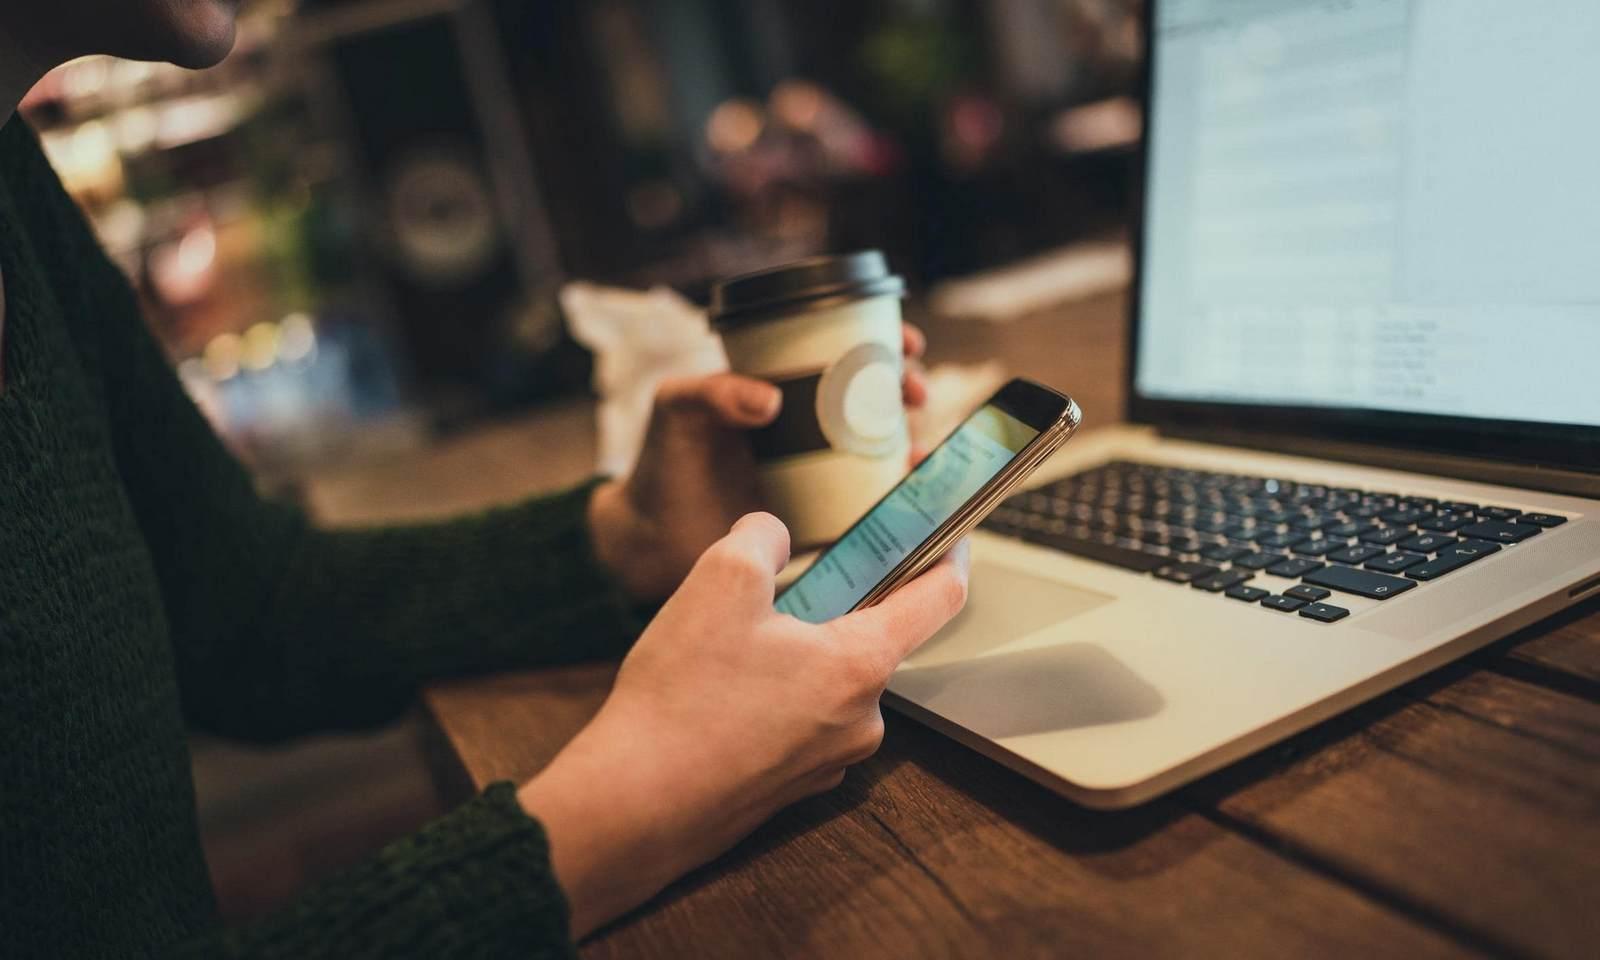 парень со смартфоном, работа, ноутбук, кофе, работает, ростелеком, малый бизнес, средний бизнес, сервисы для бизнеса, предложения, виртуальная атс, видеонаблюдение, wi-fi, вай фай, офис, петрозаводск, услуги